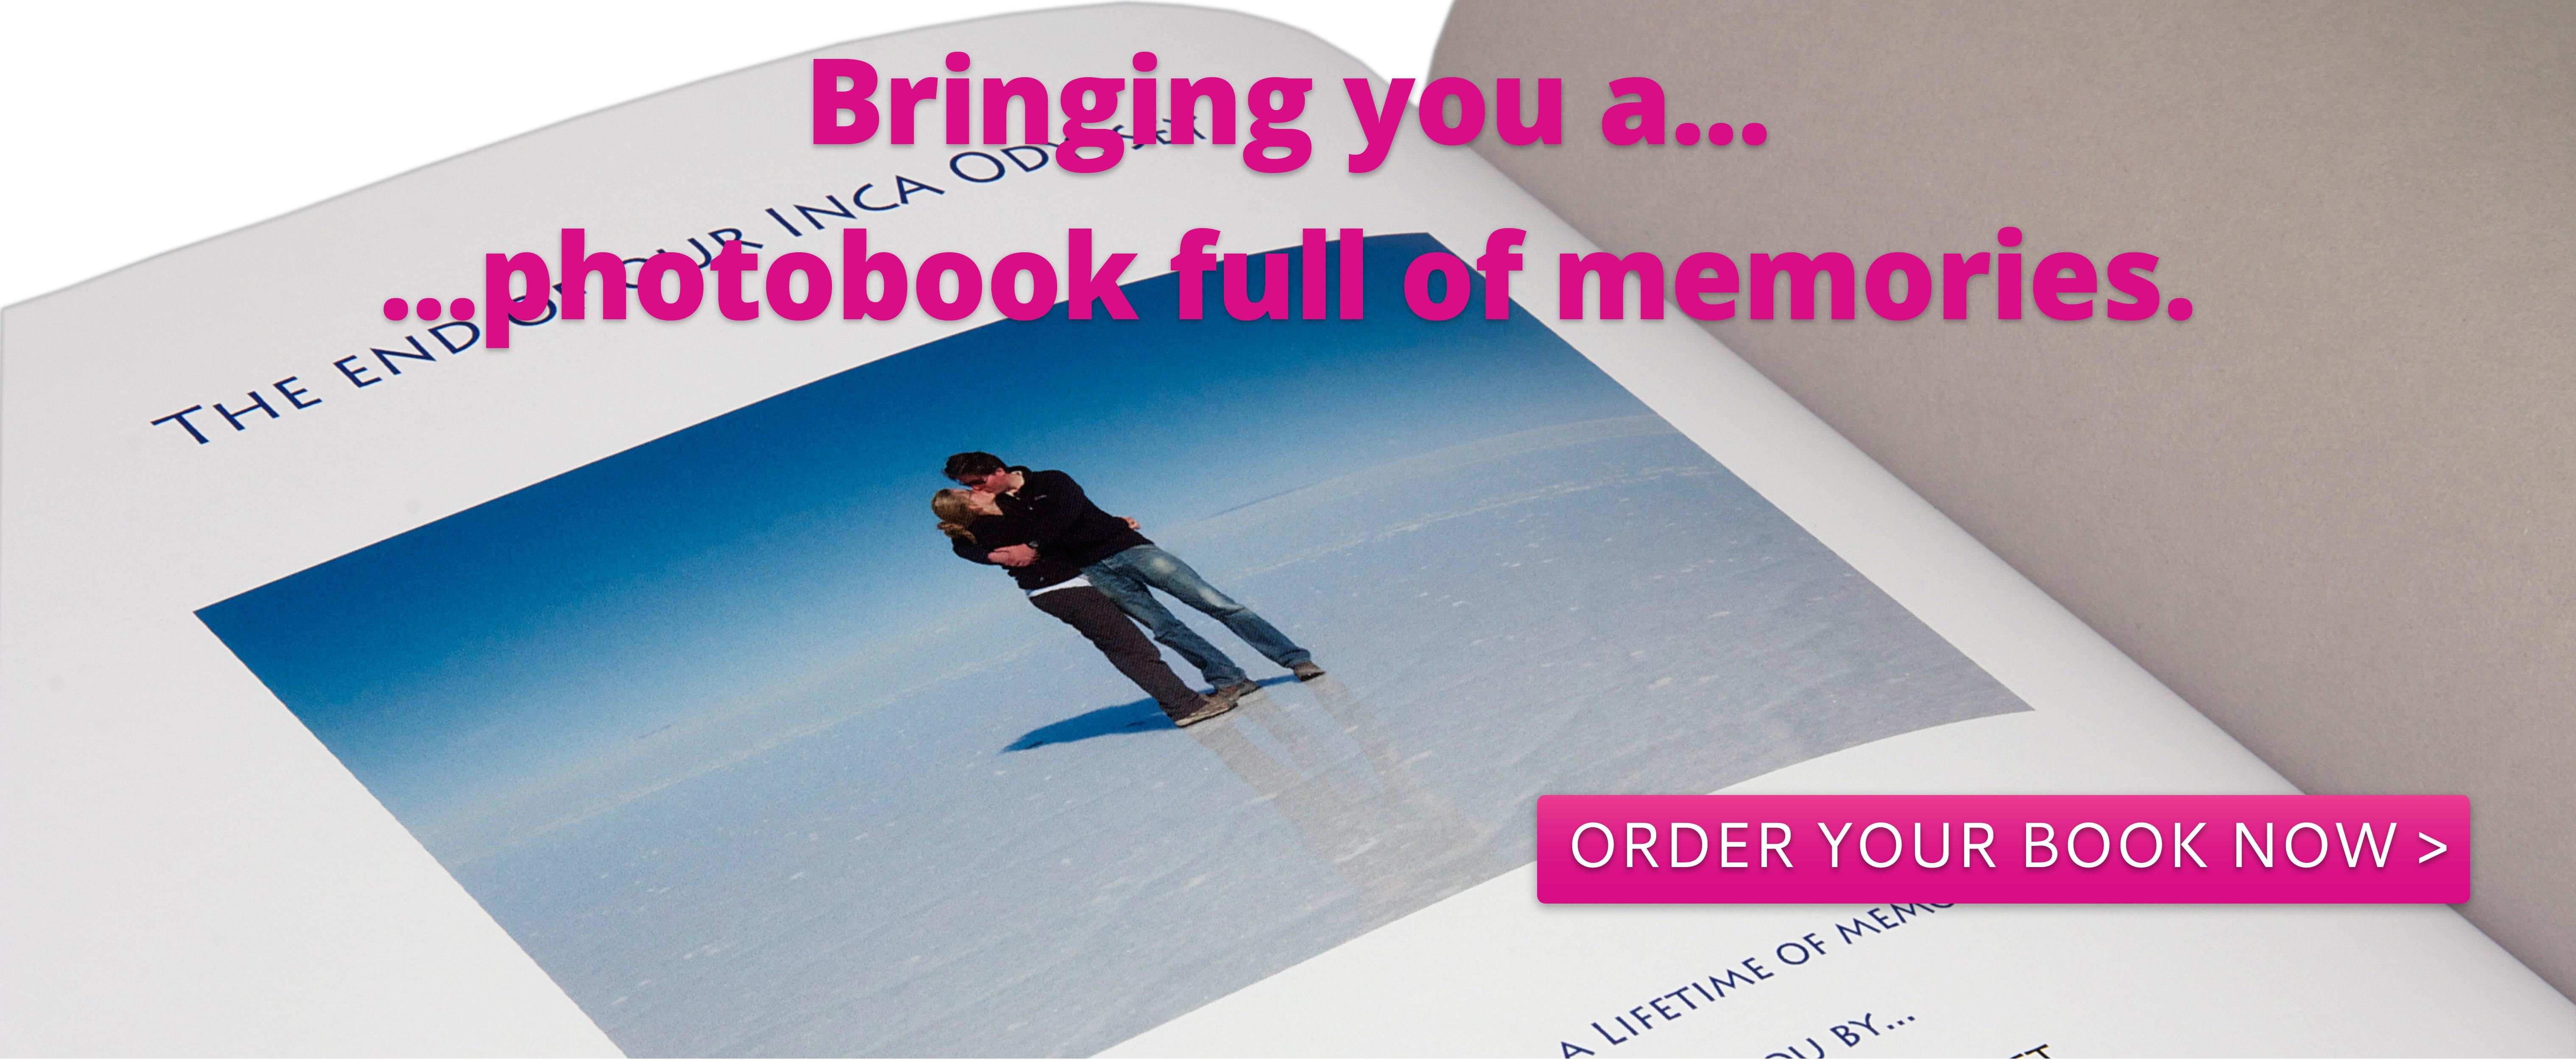 Bringing you a photobook full of memories.